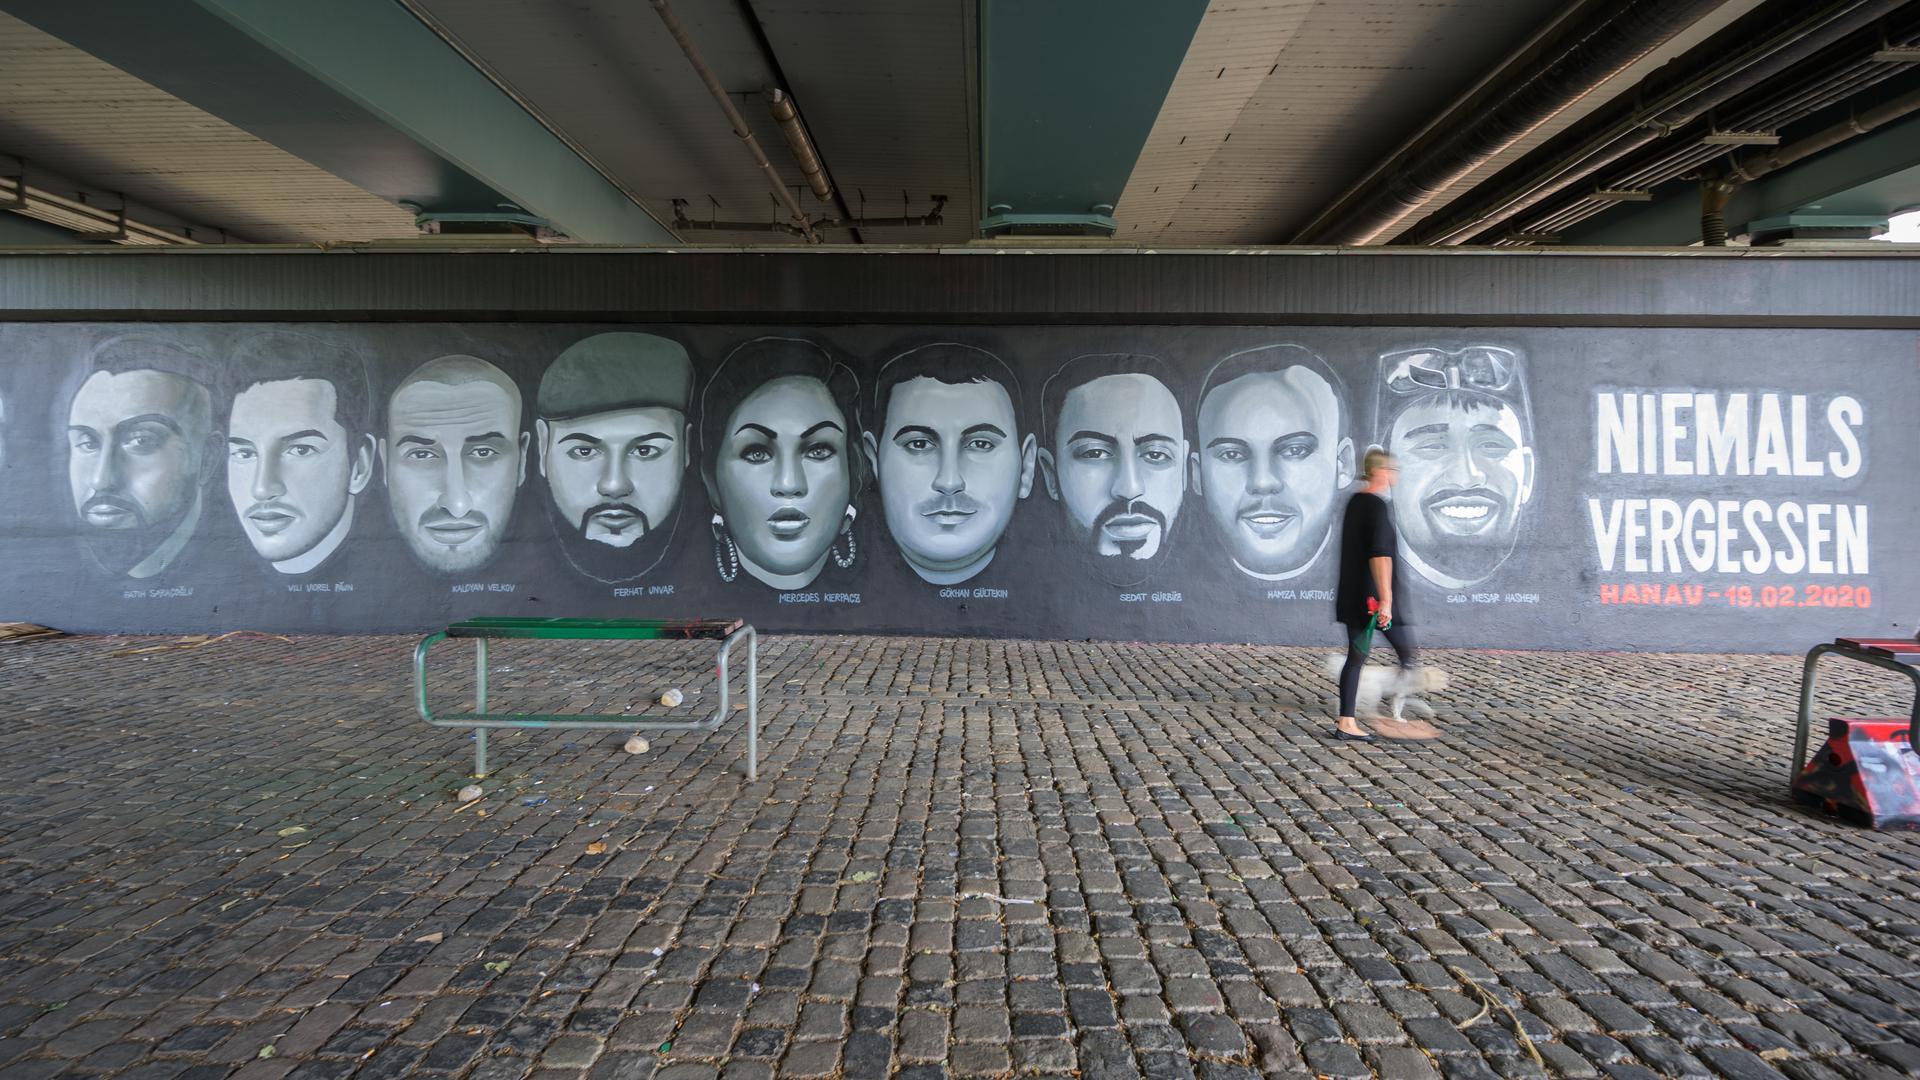 Porträts von Opfern des Anschlags vonHanau unter der Frankfurter Friedensbrücke.